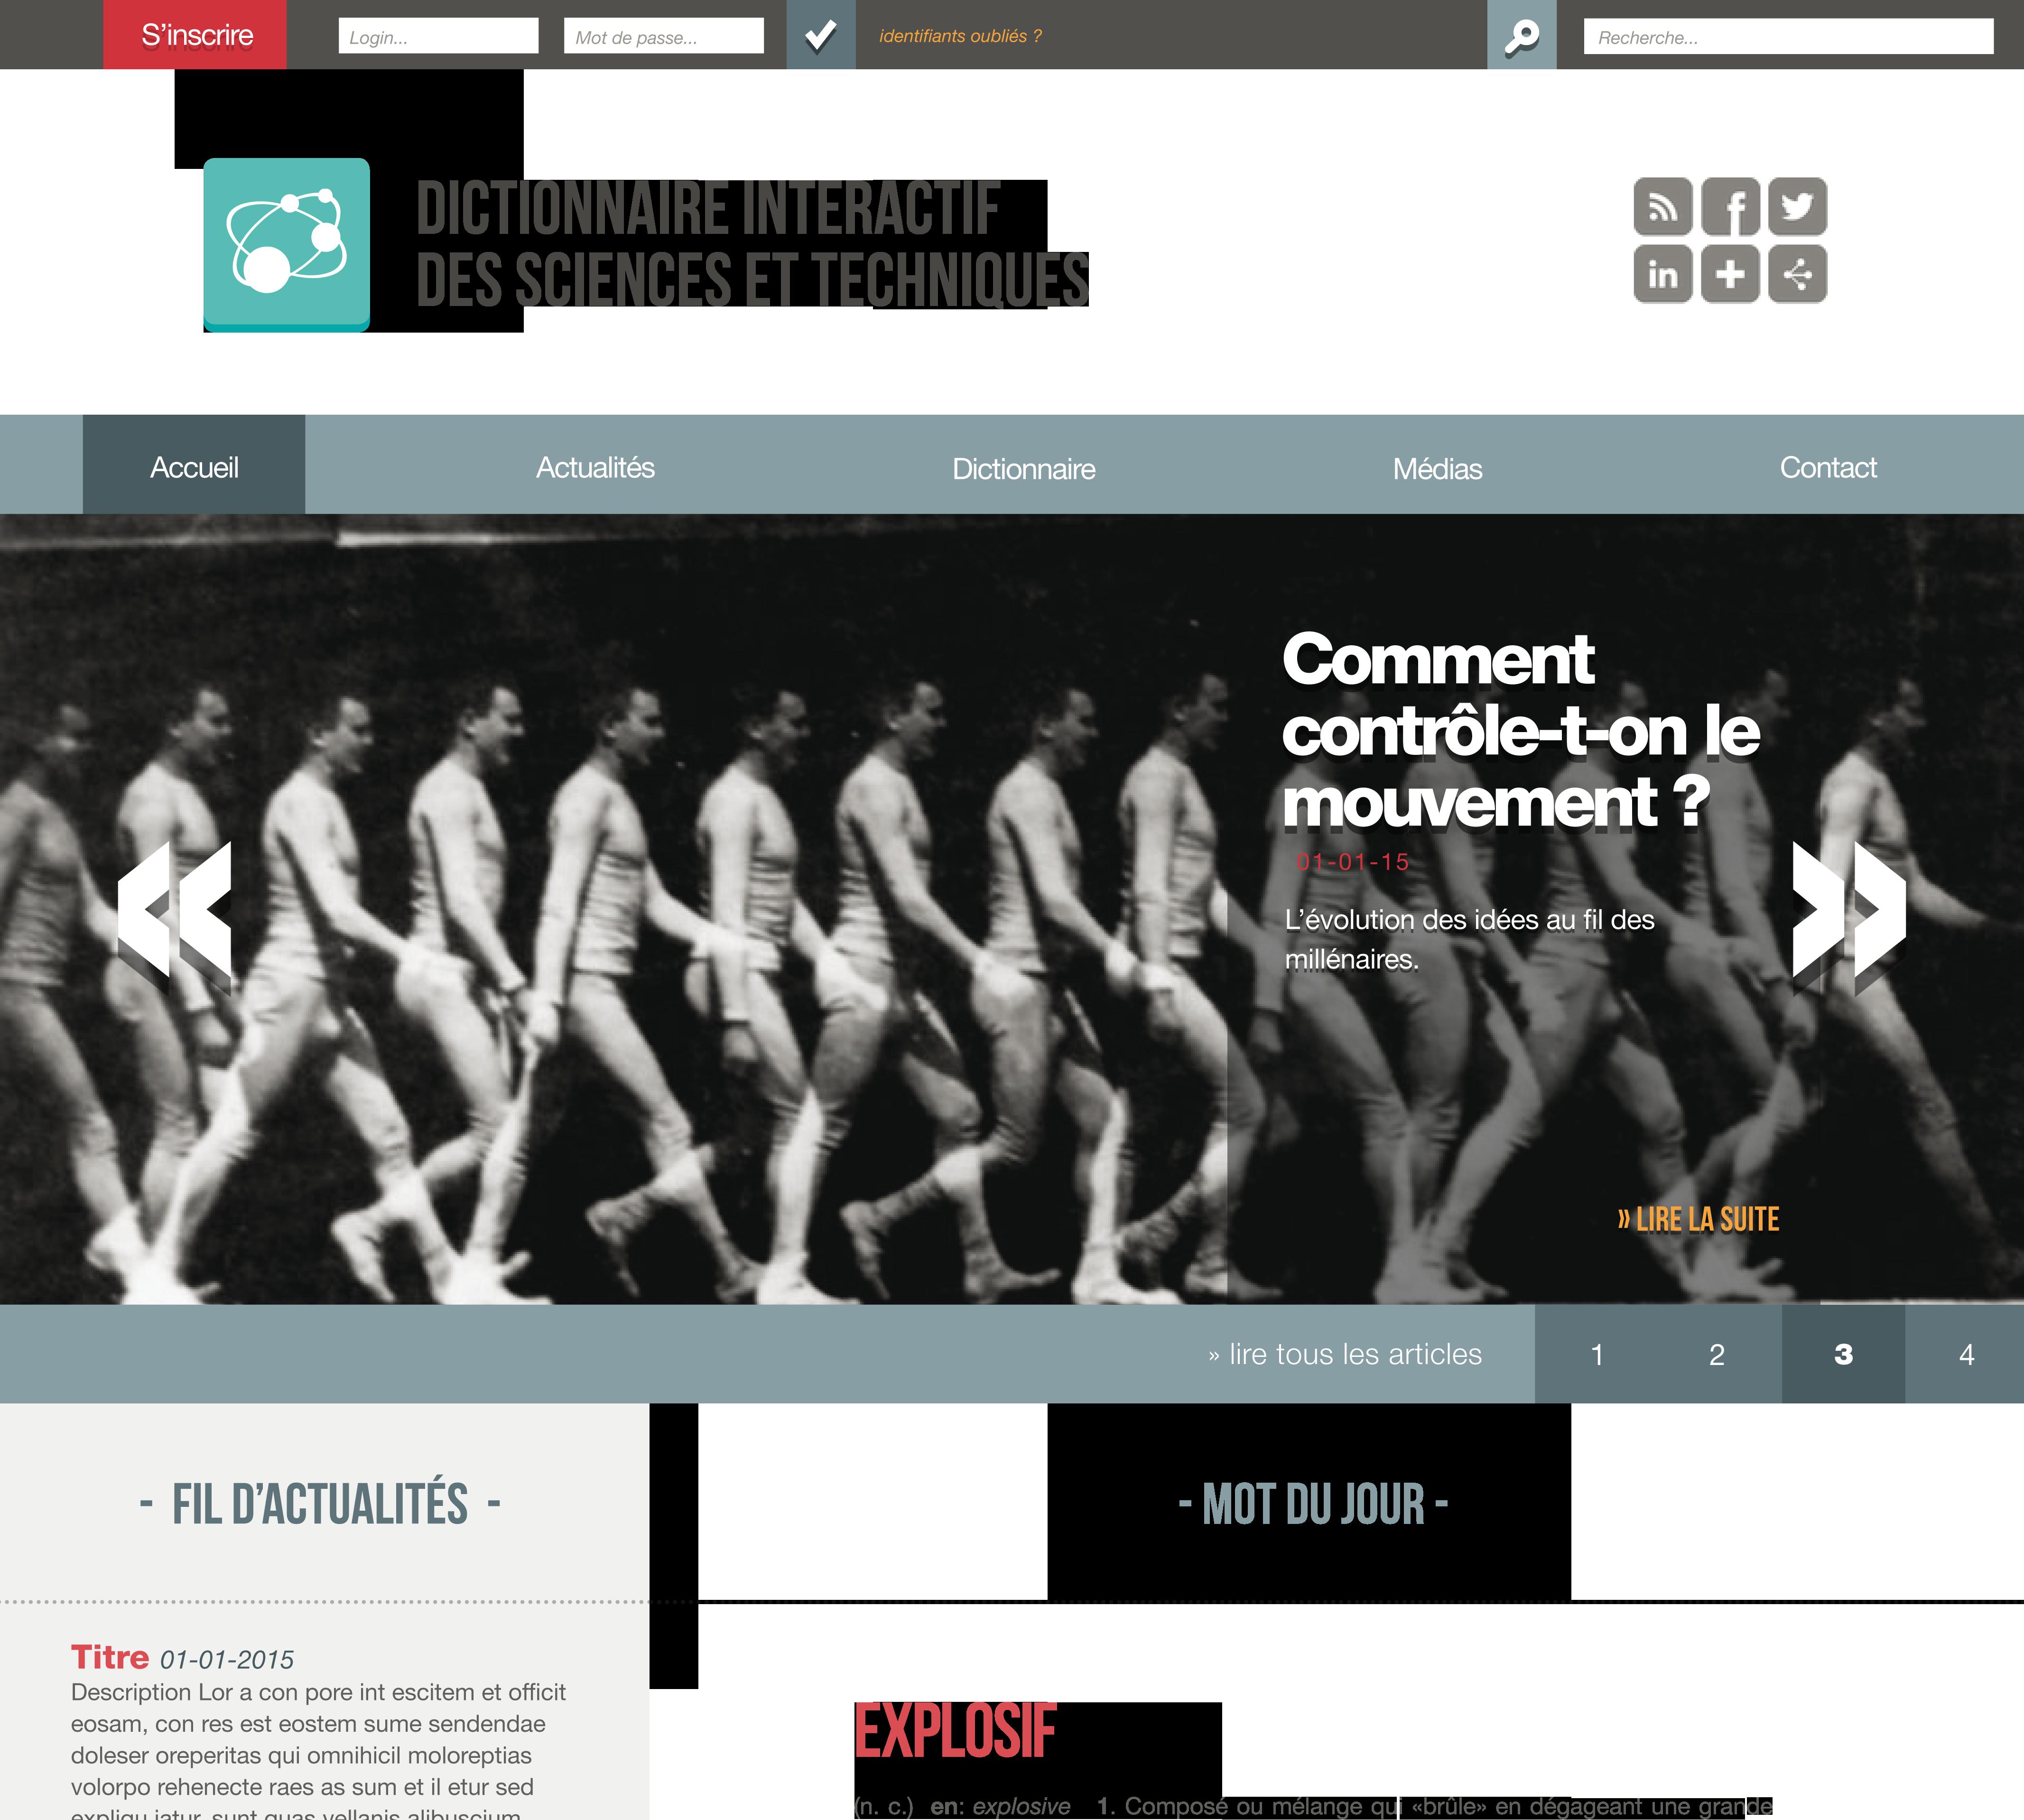 Page d'accueil de Sciences-en-ligne.net